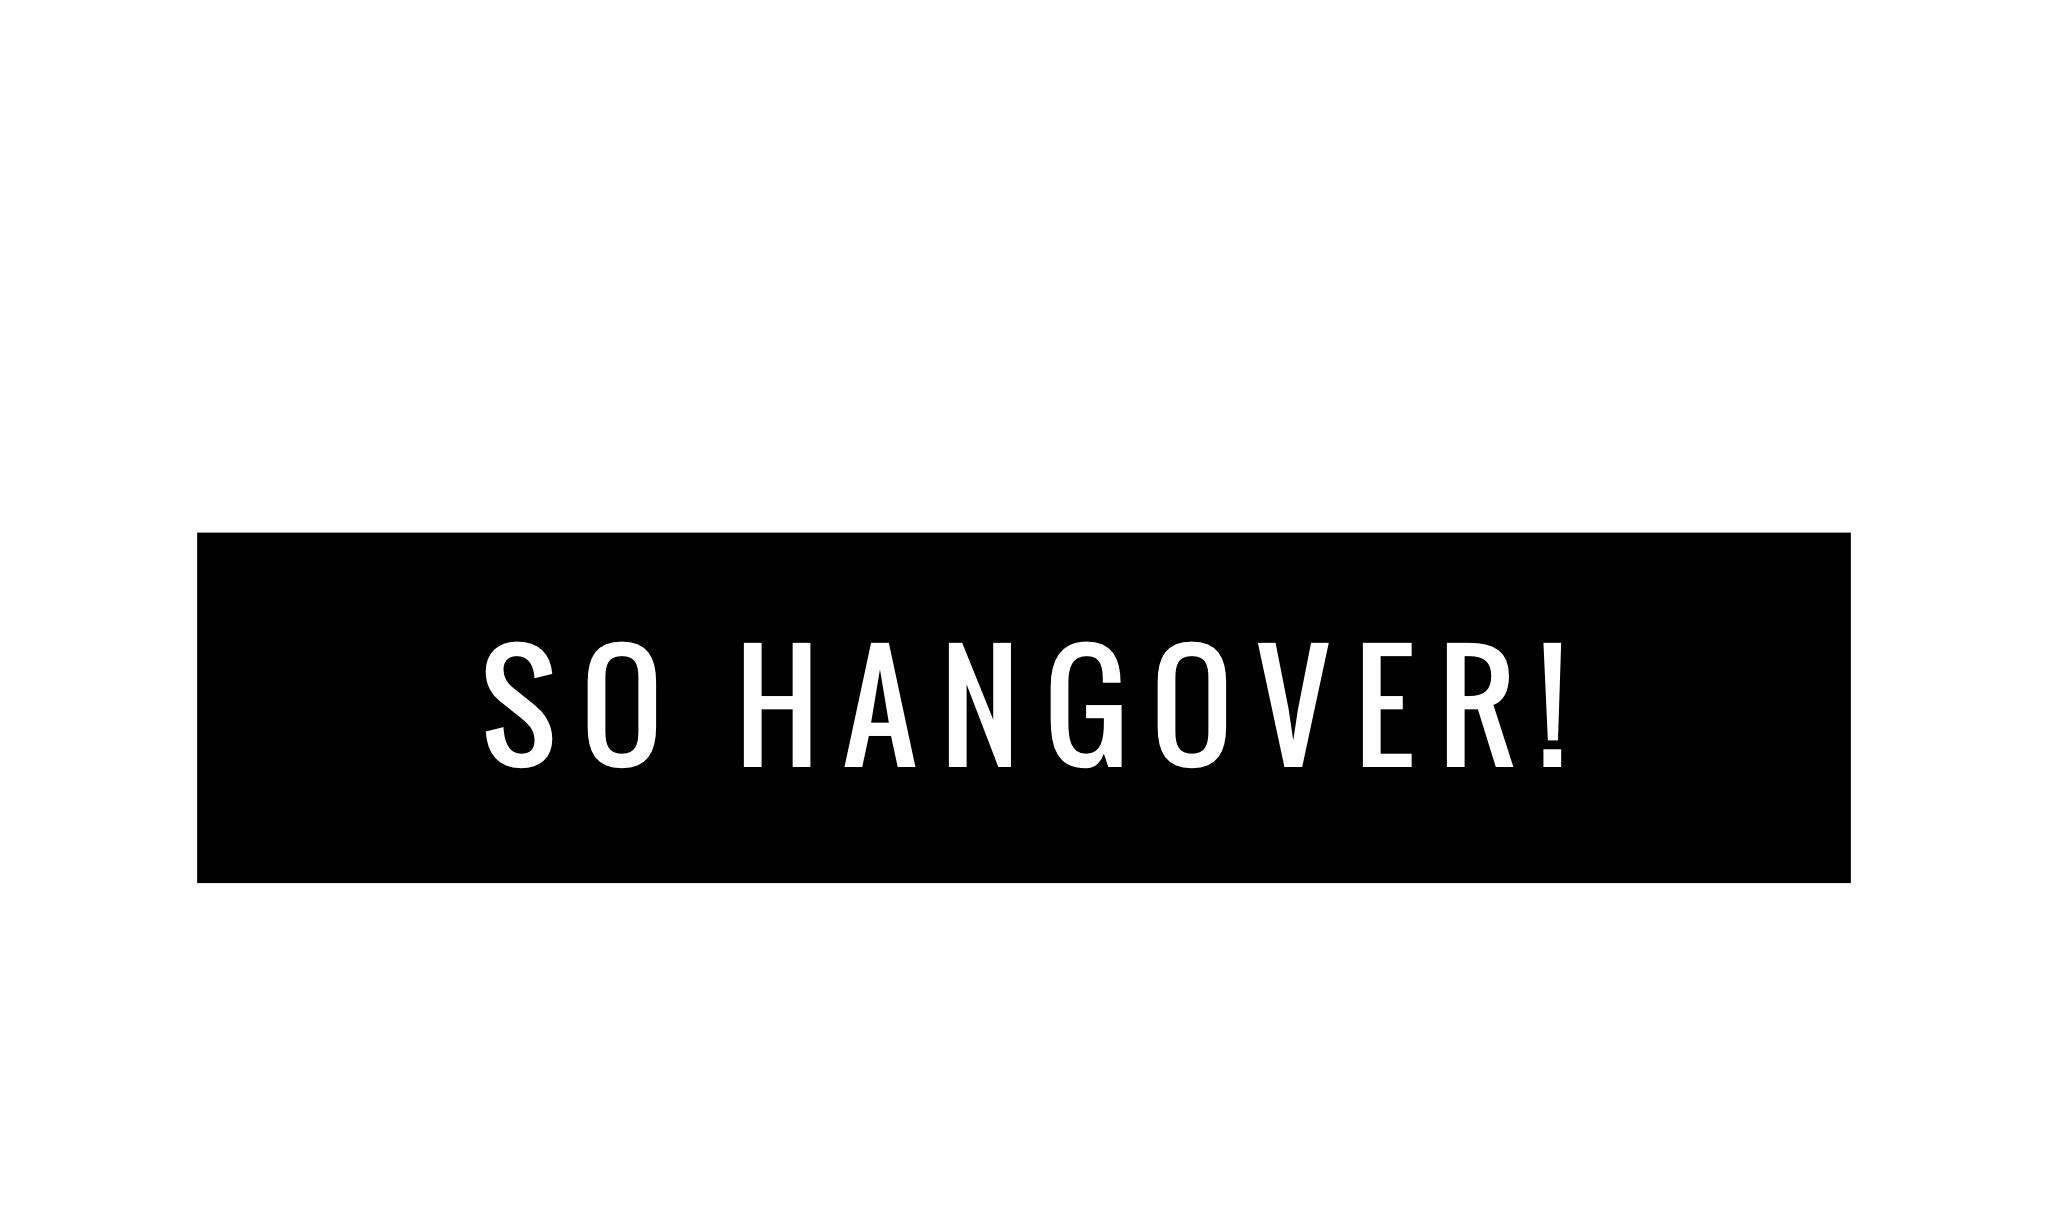 So Hangover! - urban rush